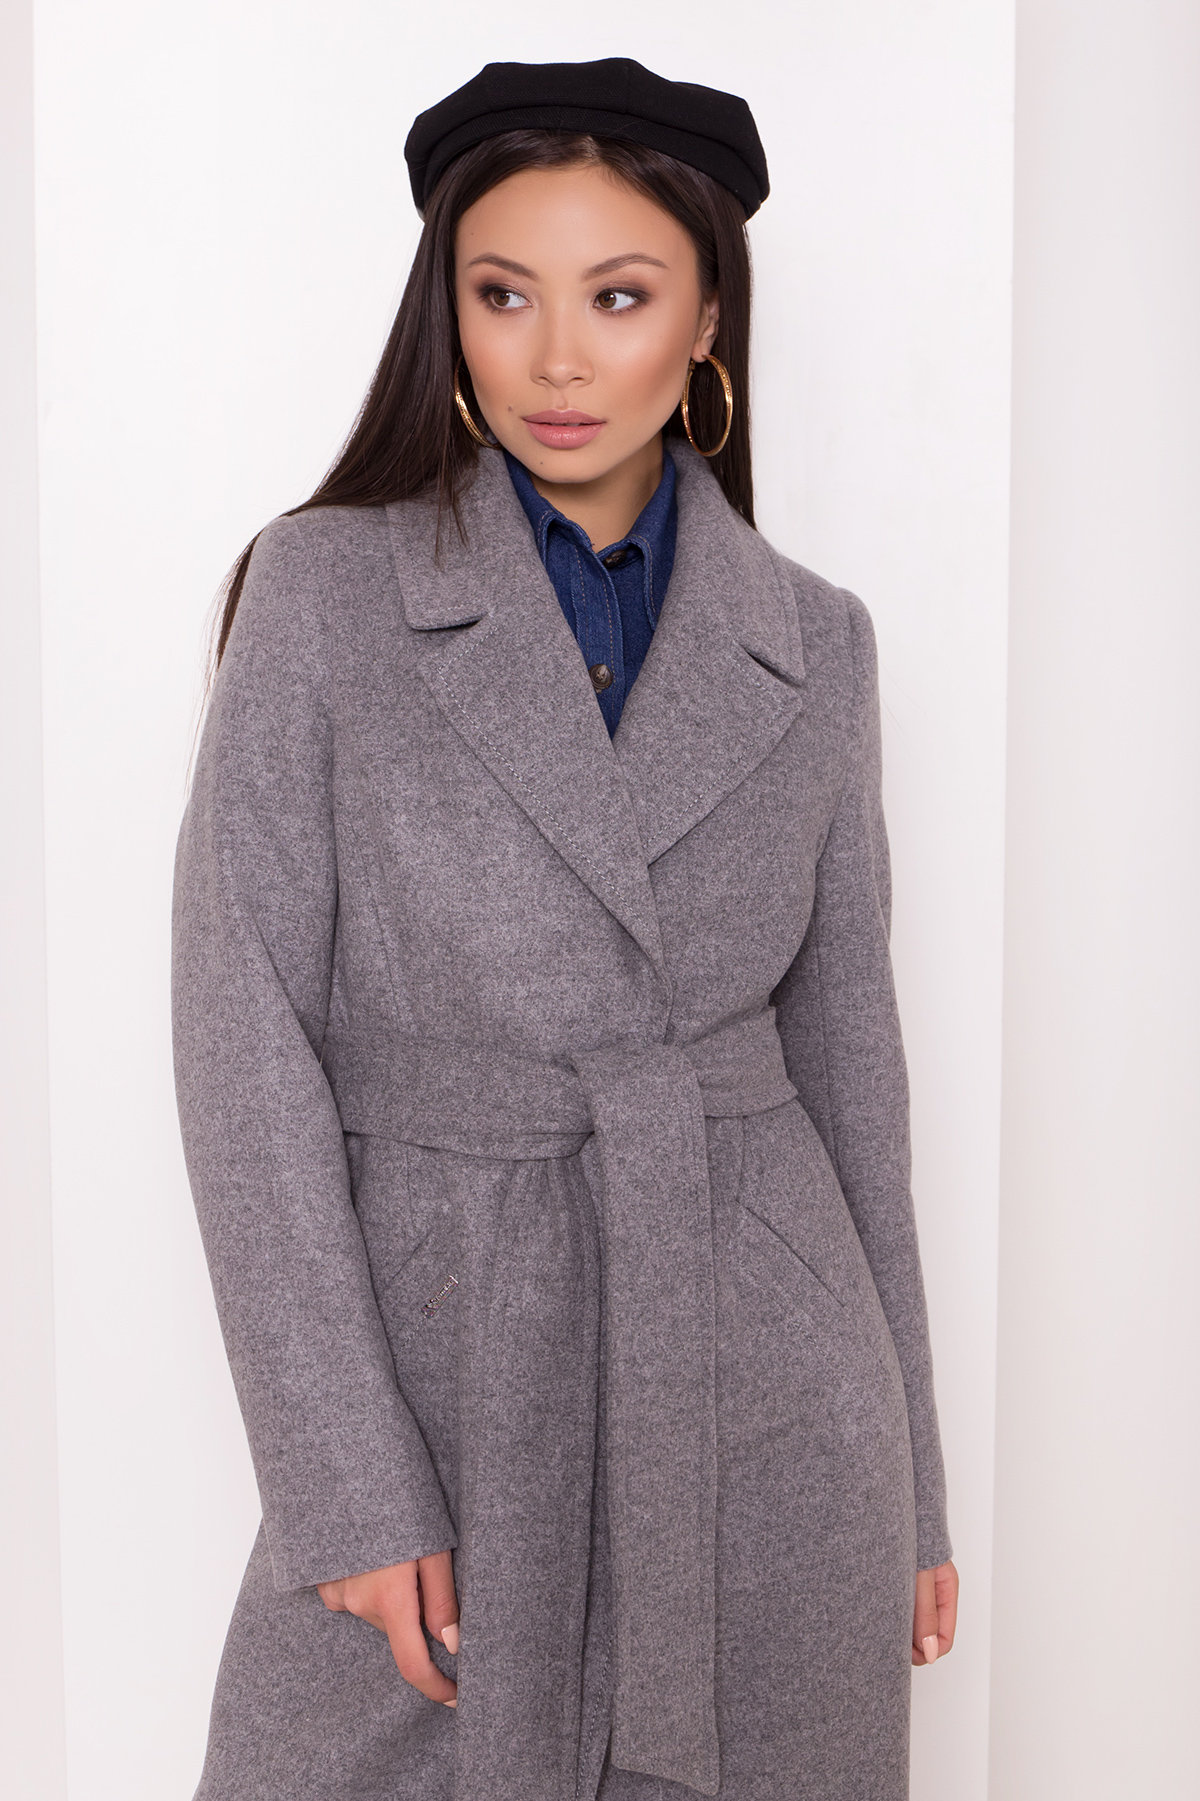 Пальто на осень Миссури макси 8106 Цвет: Серый 1